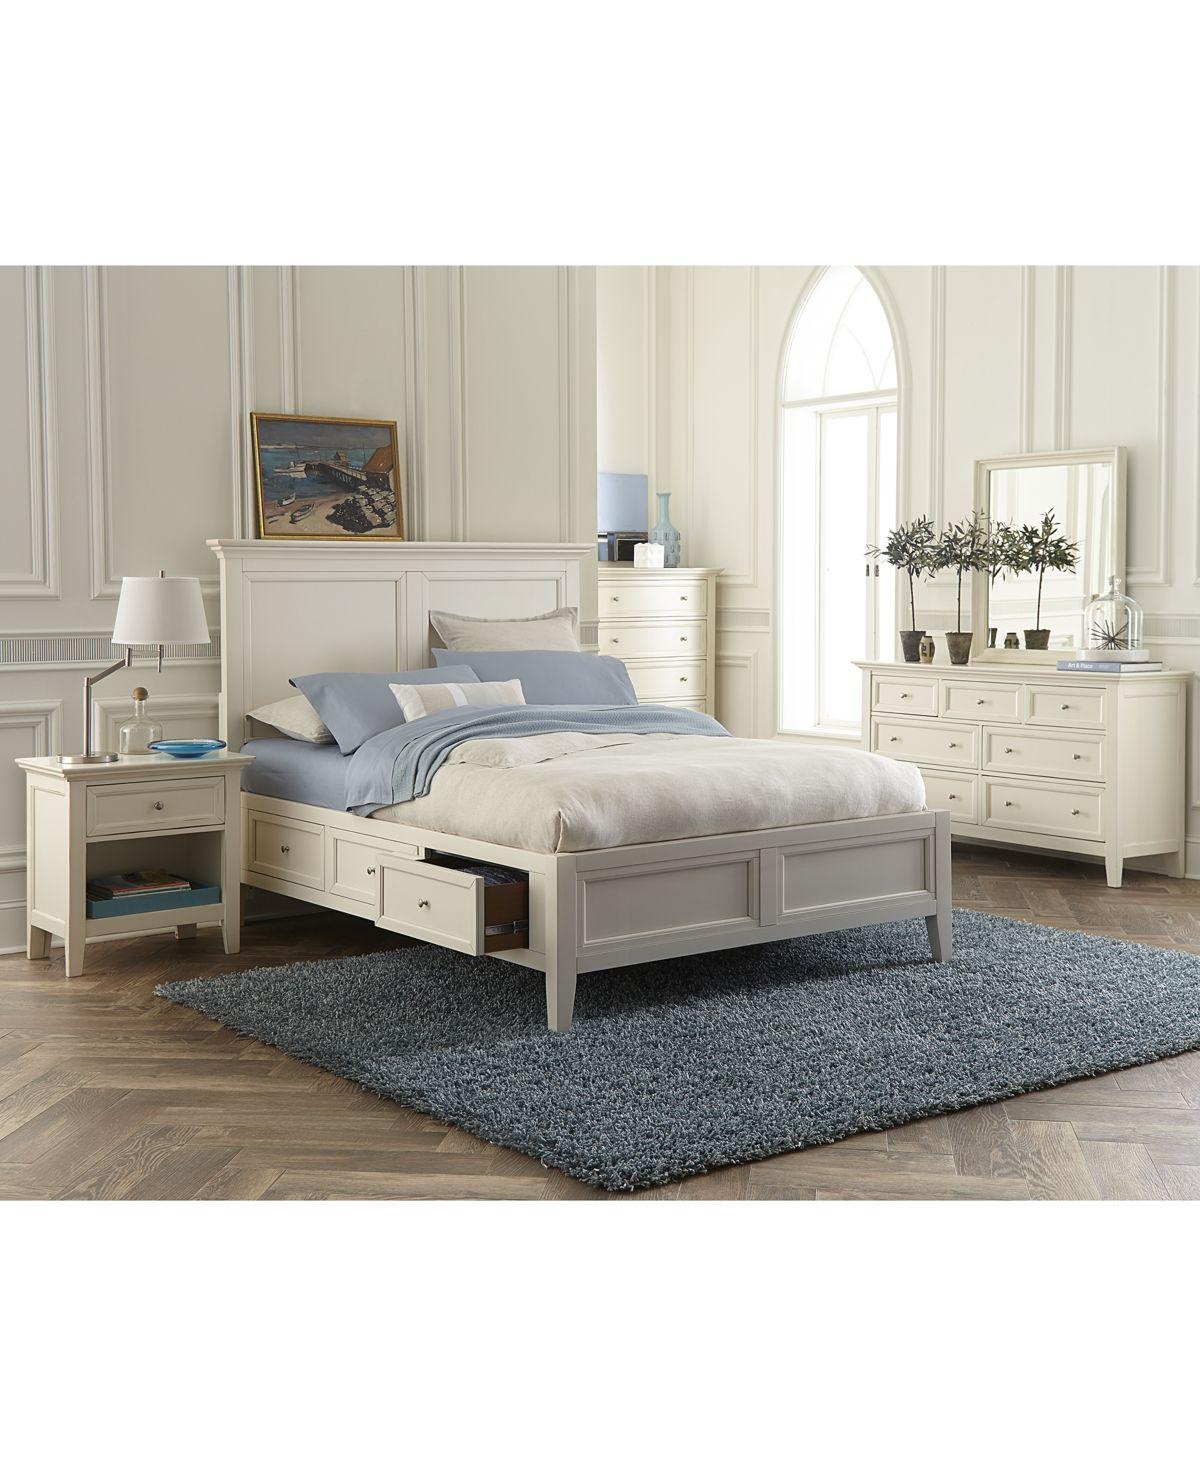 champagne bedroom furniture sets